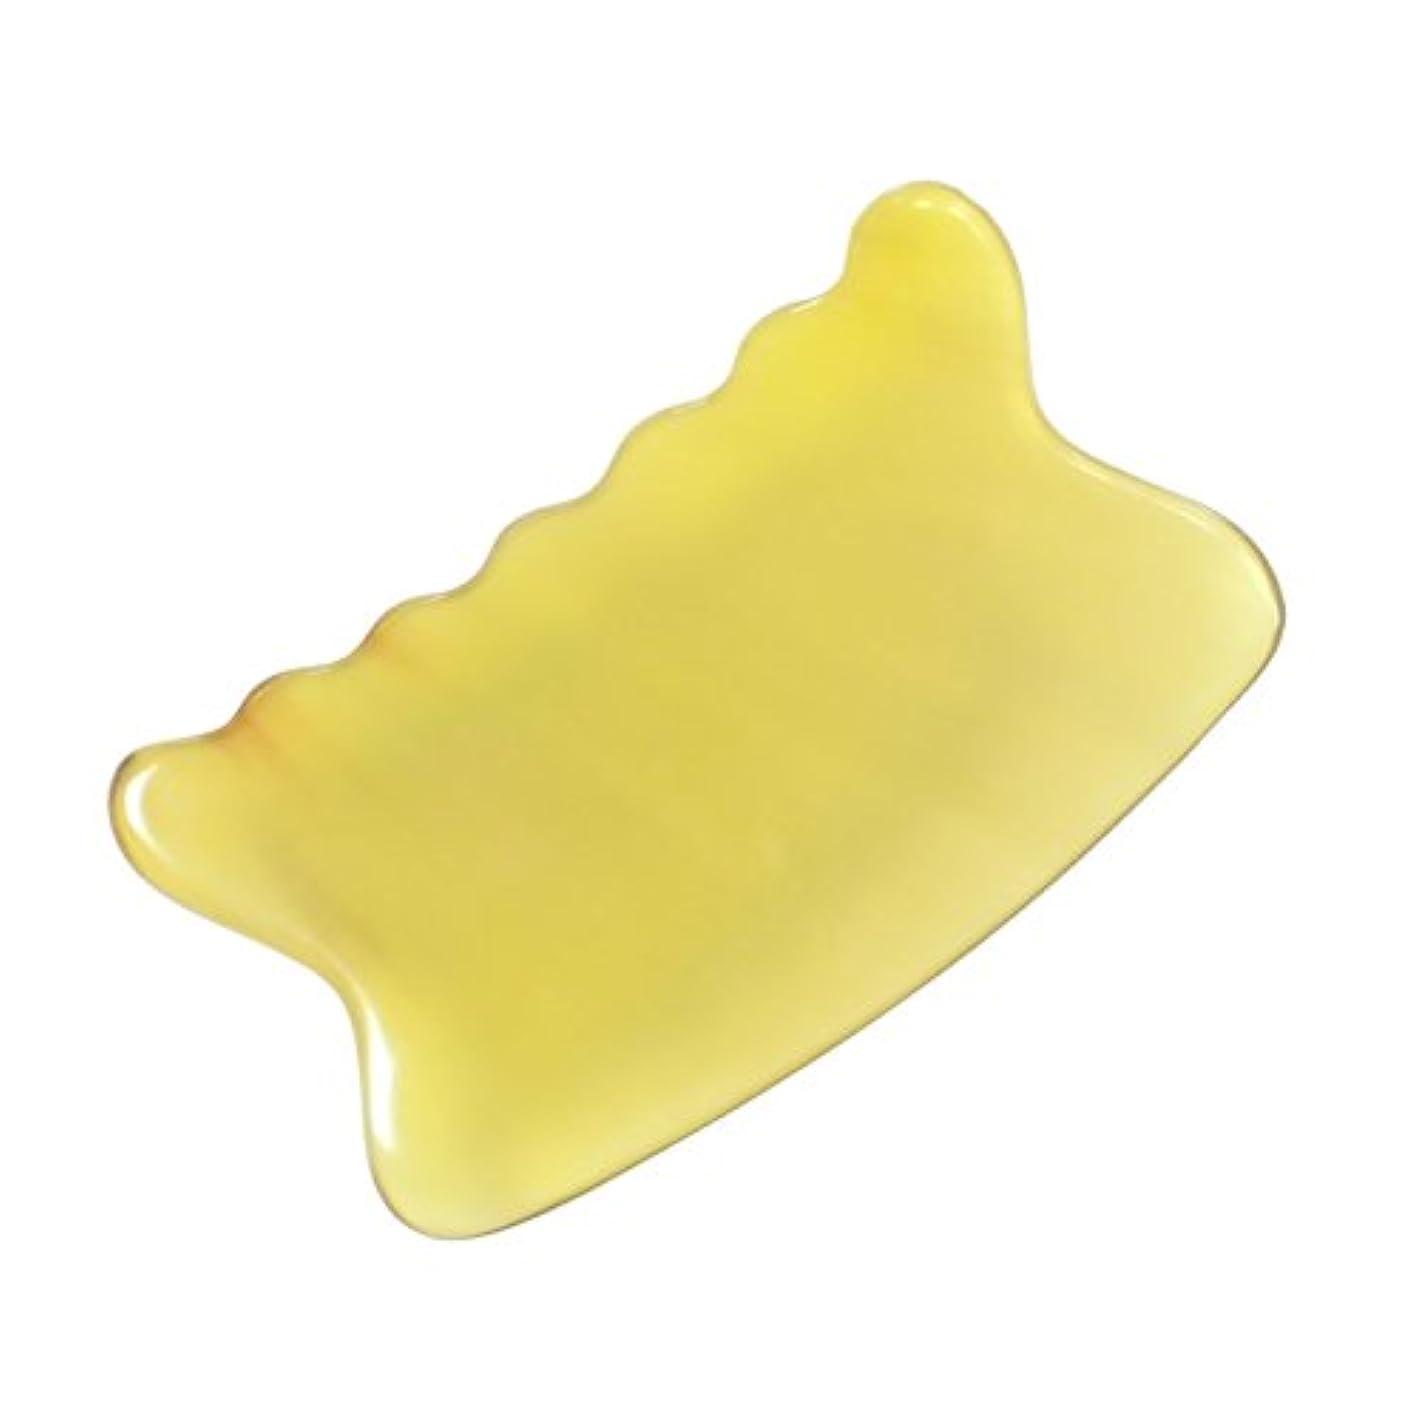 定義する印象的な踏みつけかっさ プレート 希少63 黄水牛角 極美品 曲波型